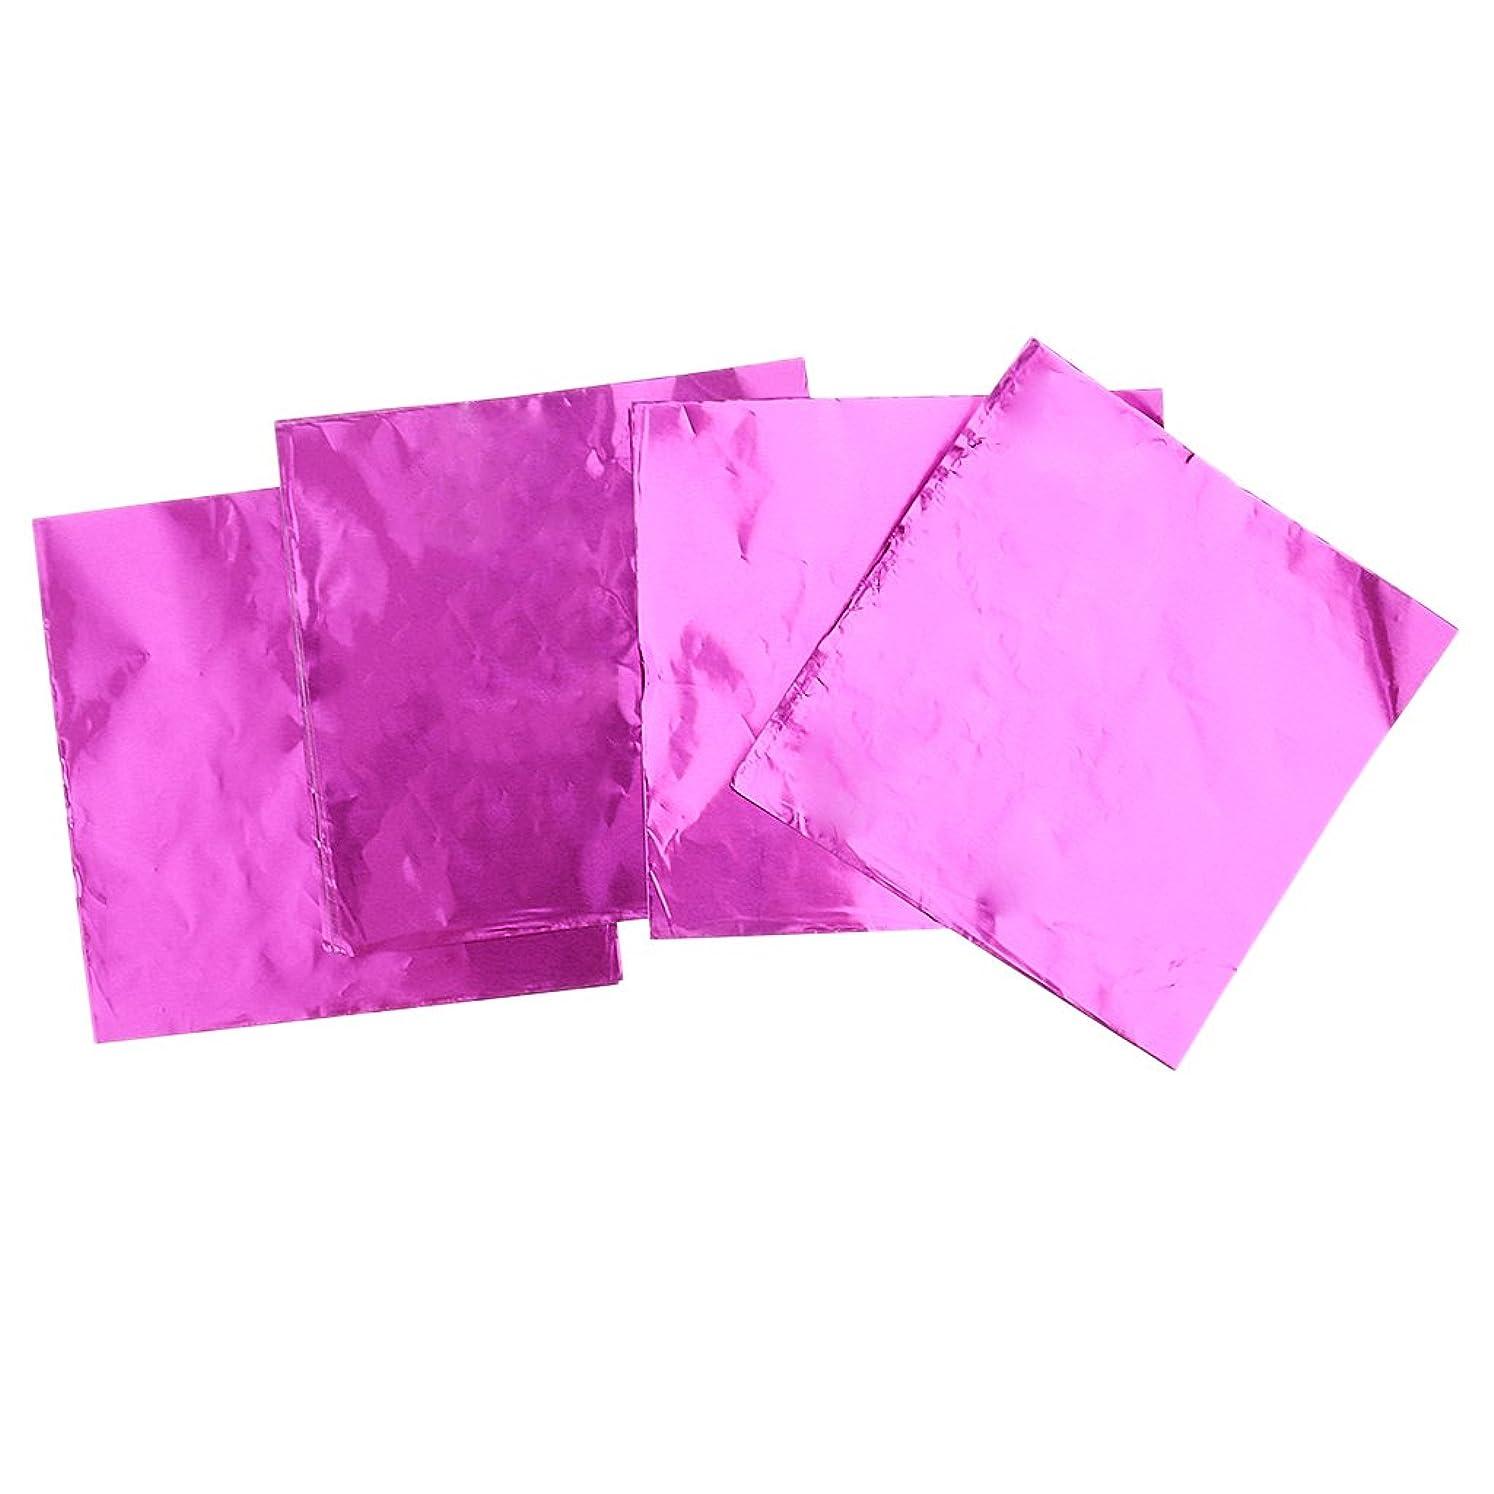 大人バーゲンパケットPrettyia 箔紙 チョコレート お菓子 キャンディ 包装 パーティー 結婚式 誕生日 ギフト 完璧 パッケージ 約100枚入り 多色選べる   - ピンク